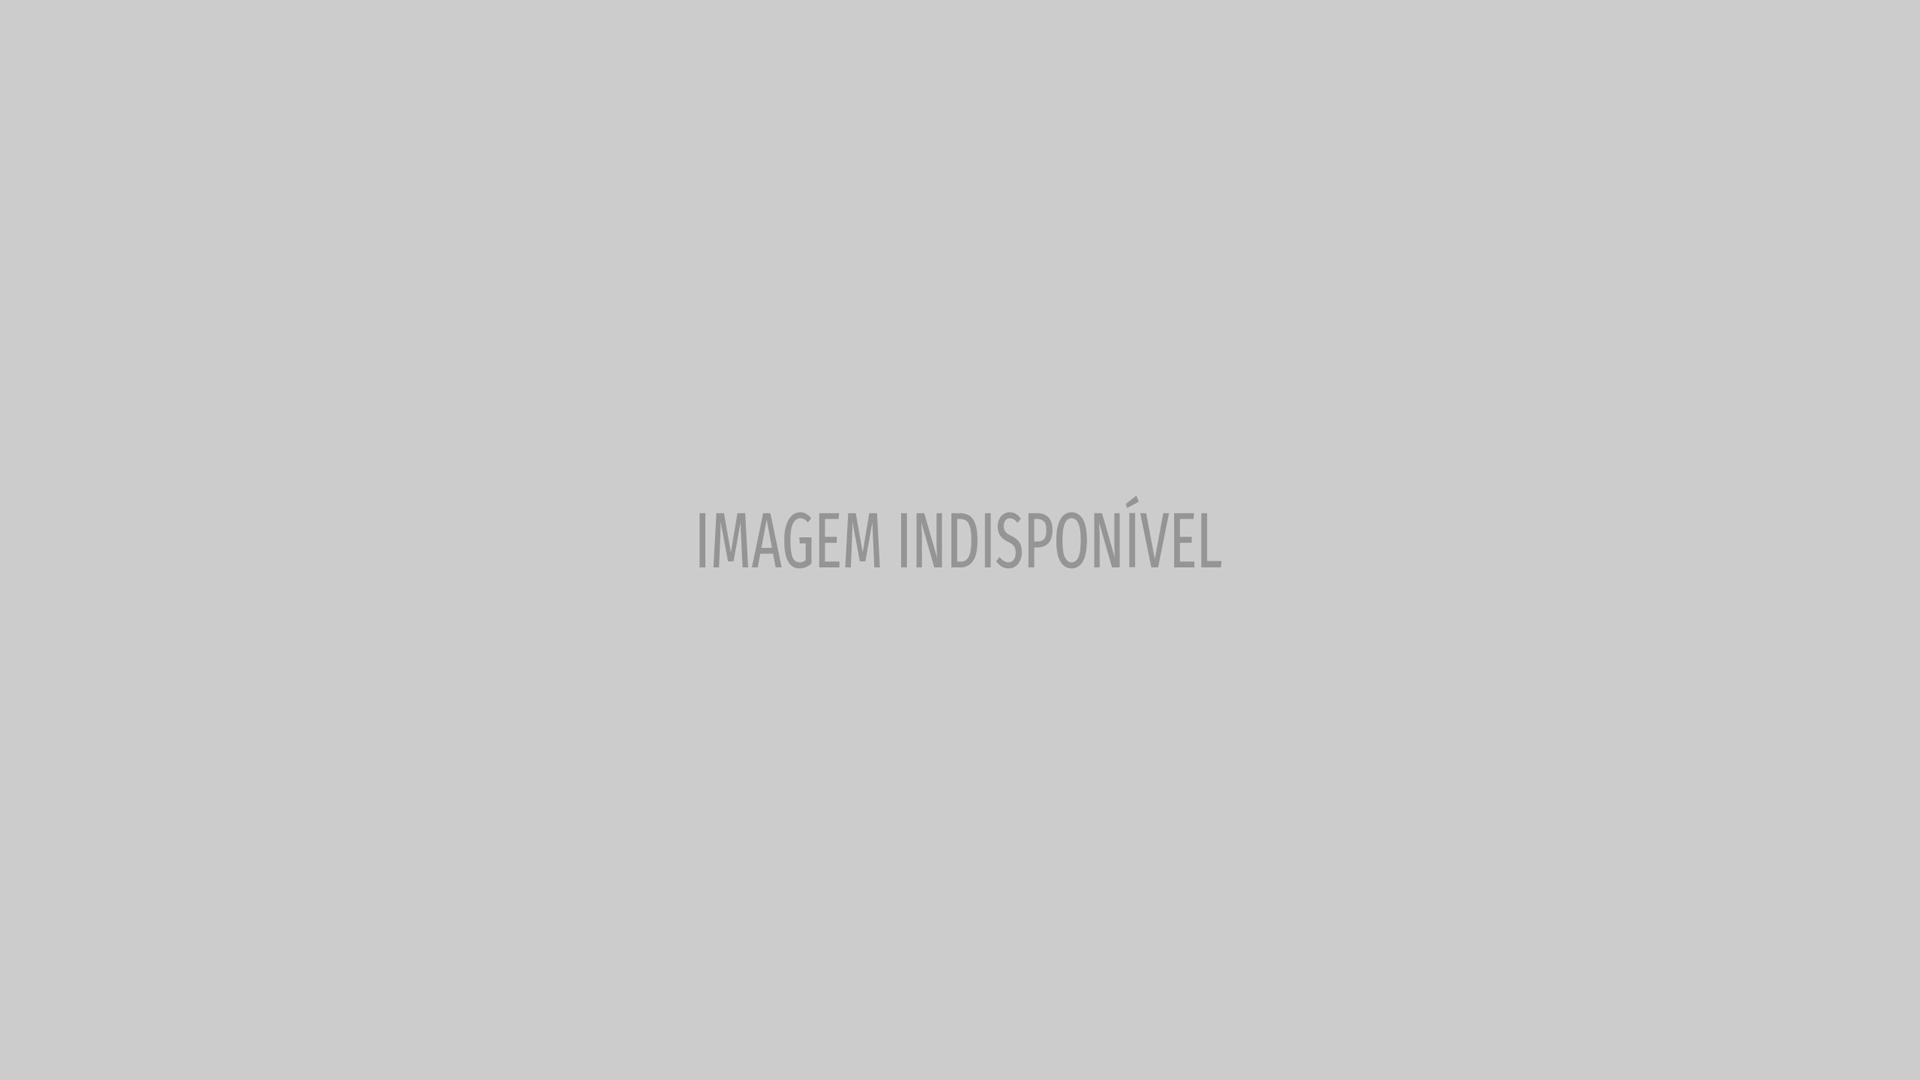 Pato faz golaço de fora da área contra time de Tevez na China